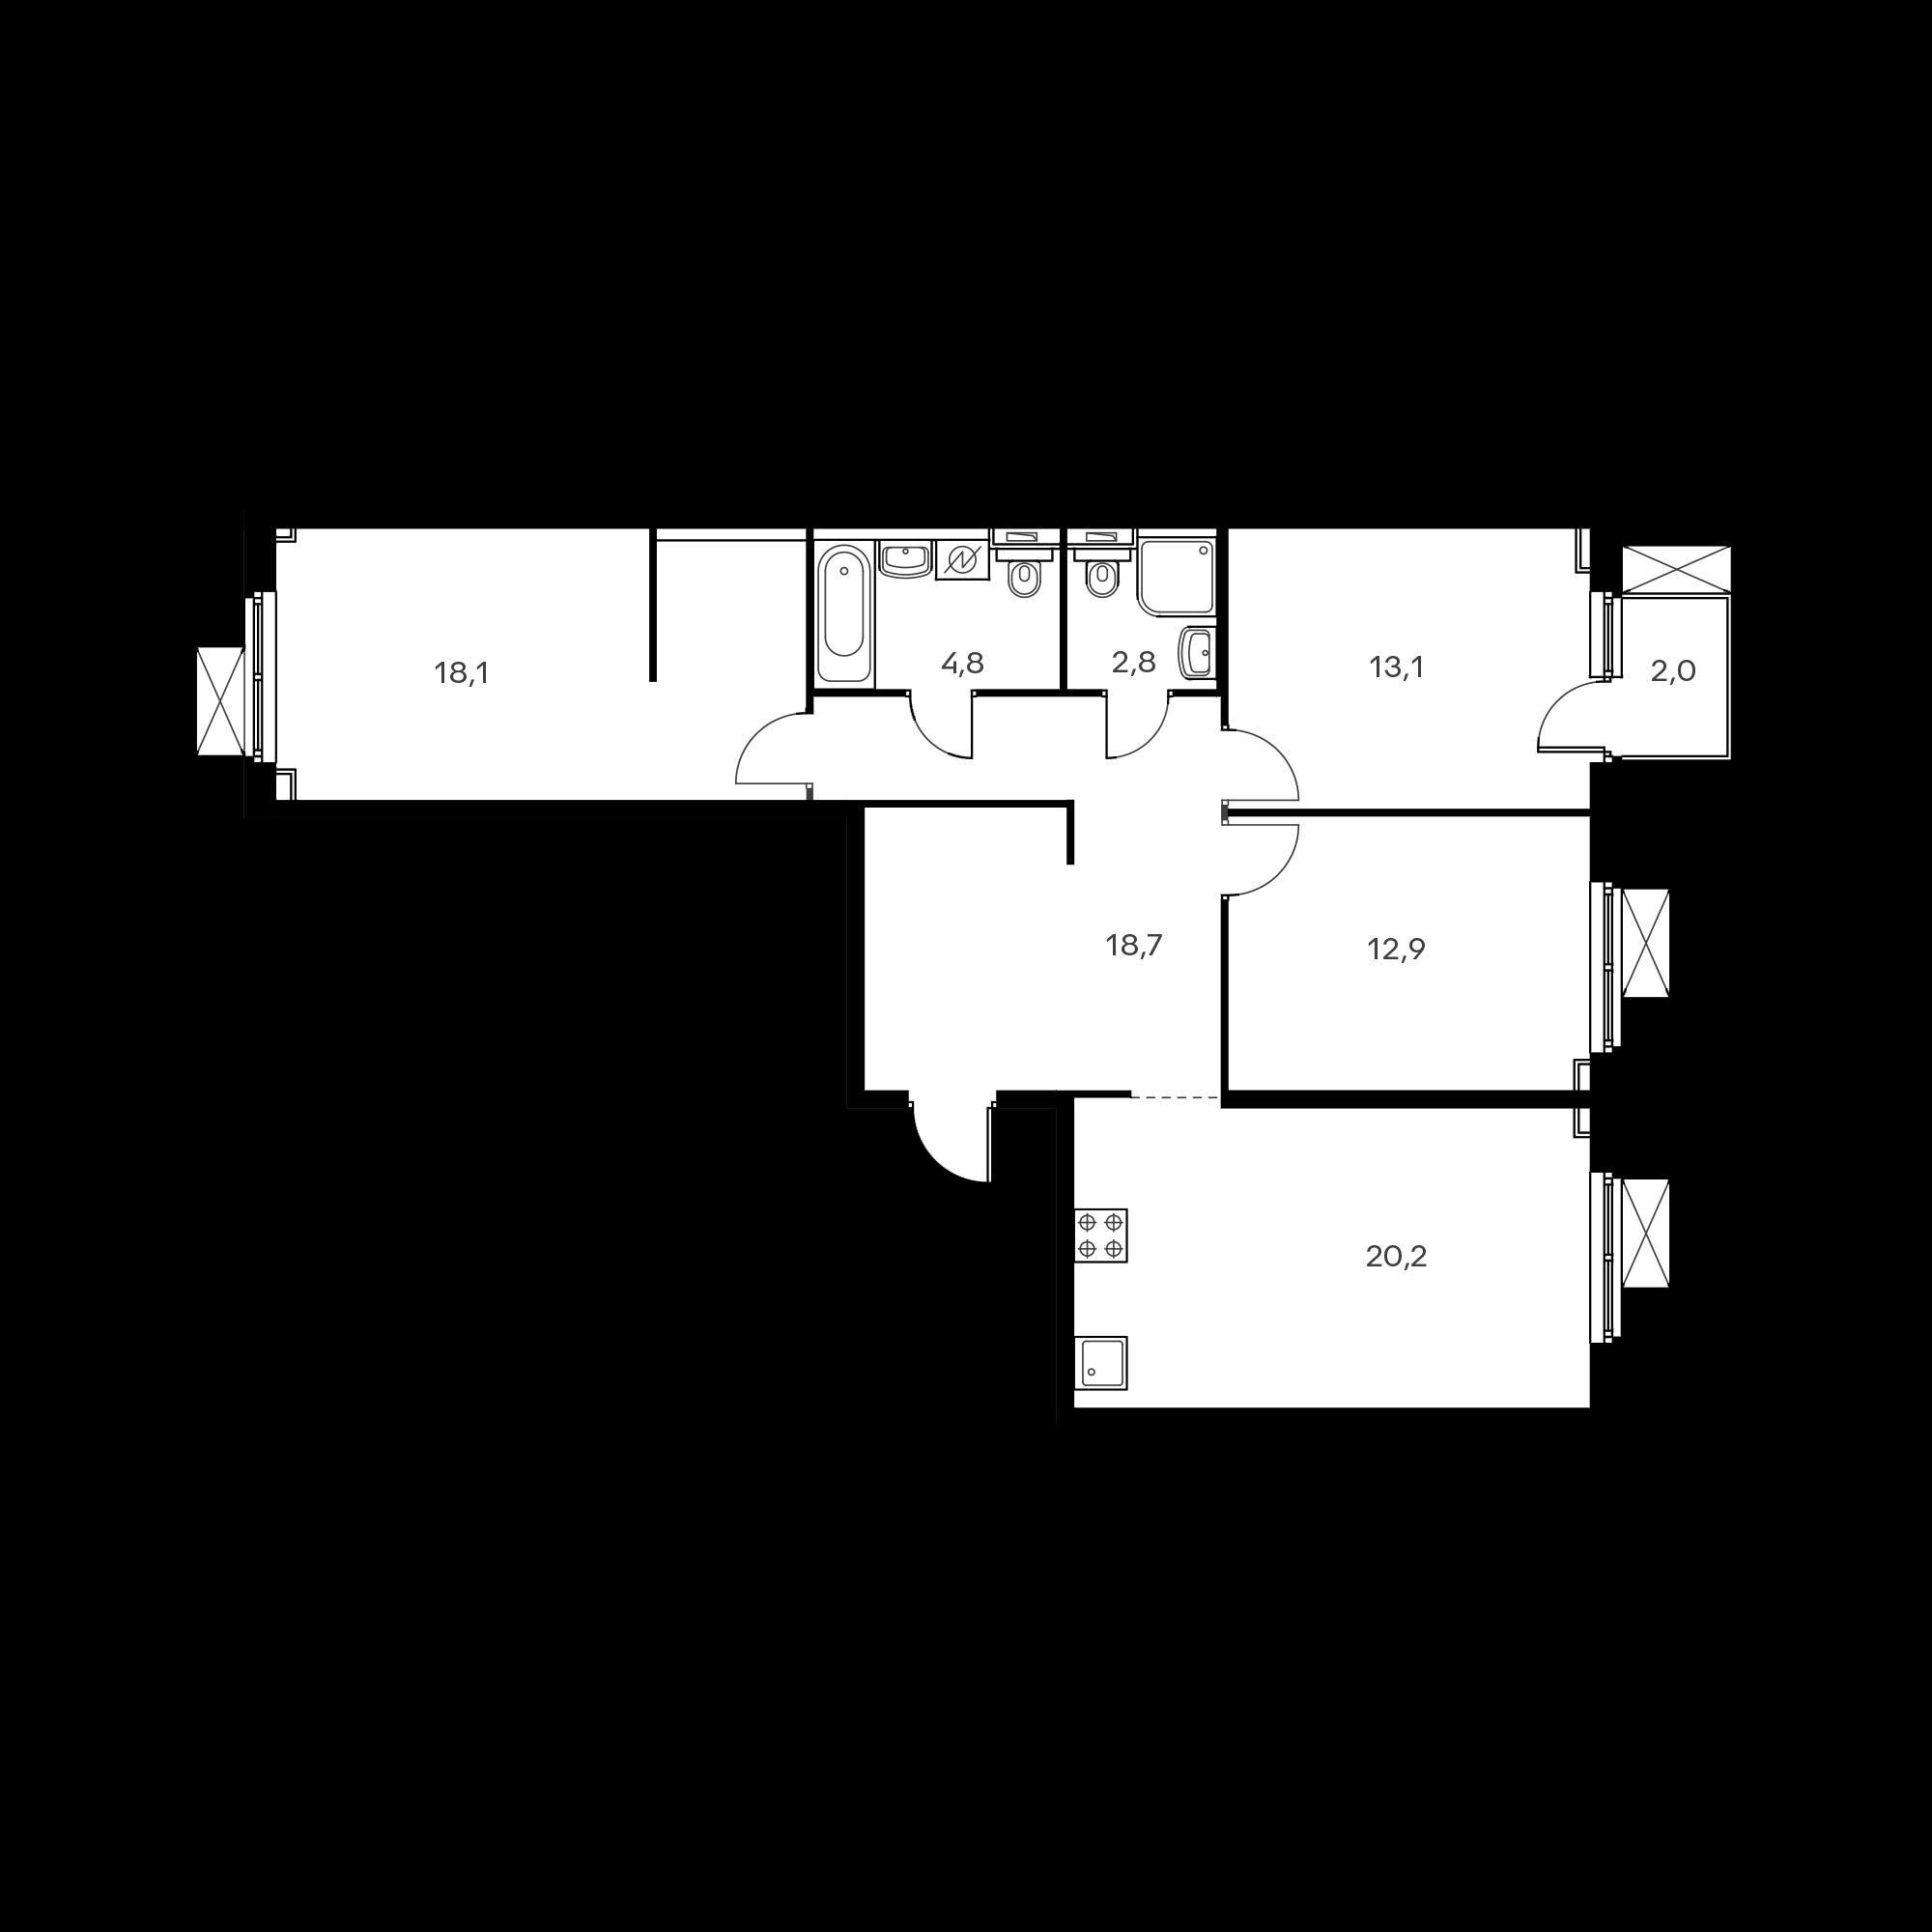 3EL3_10.2-1_T_B(R2-2,0)*